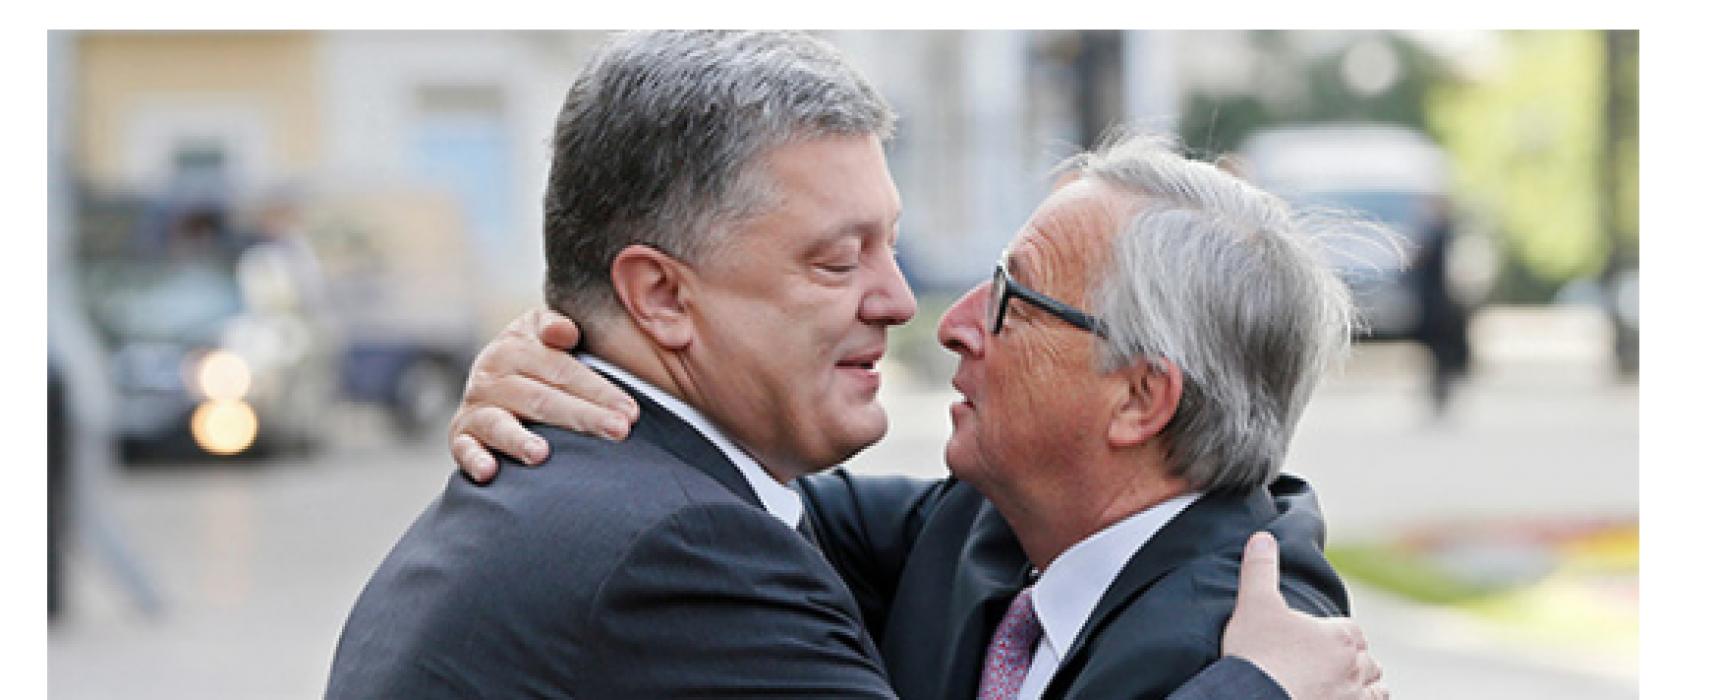 Саммит ЕС-Украина: в российских СМИ только одна сторона медали